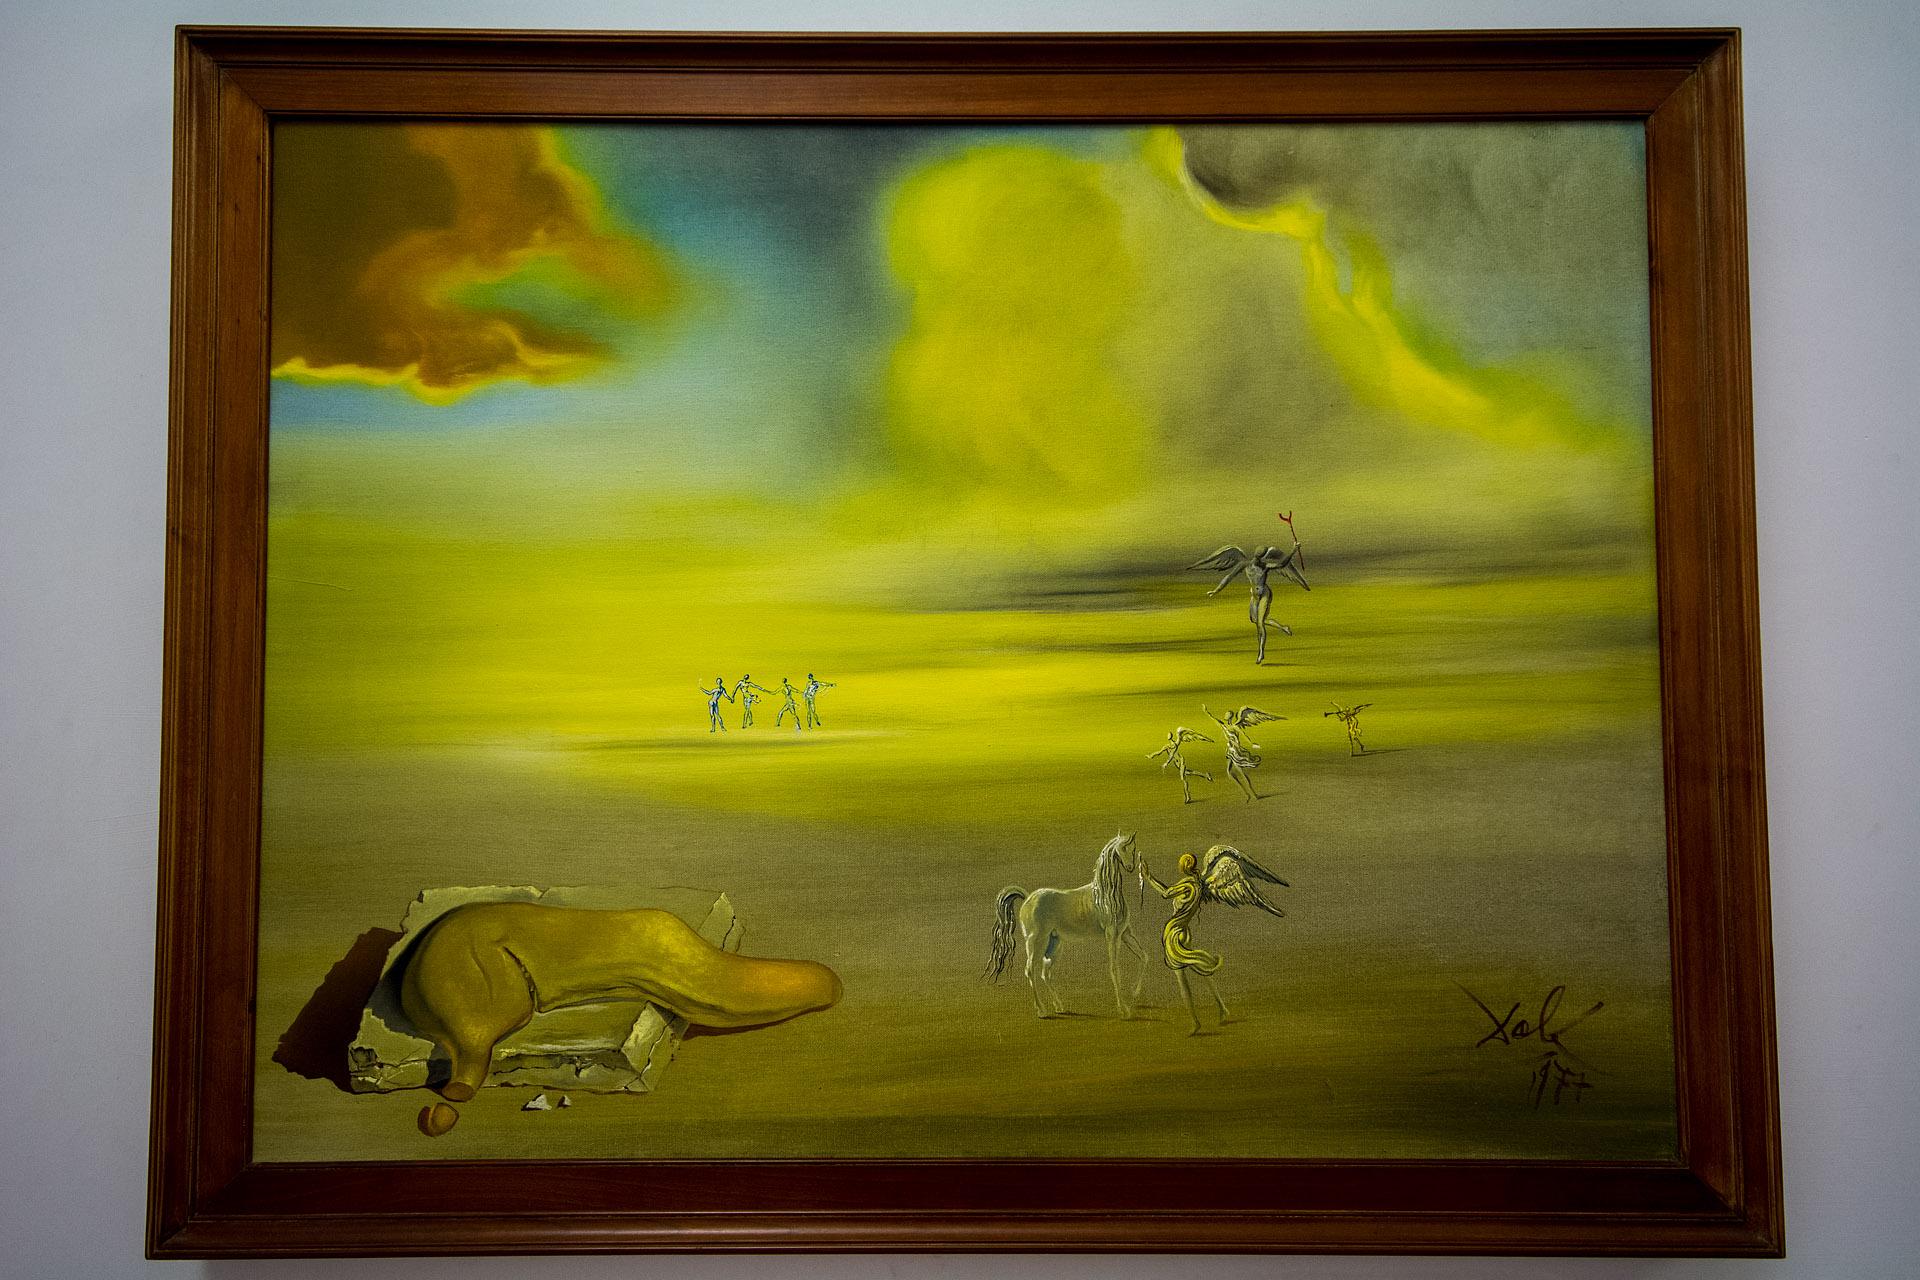 Angelic Landscape (Salvador Dalí)